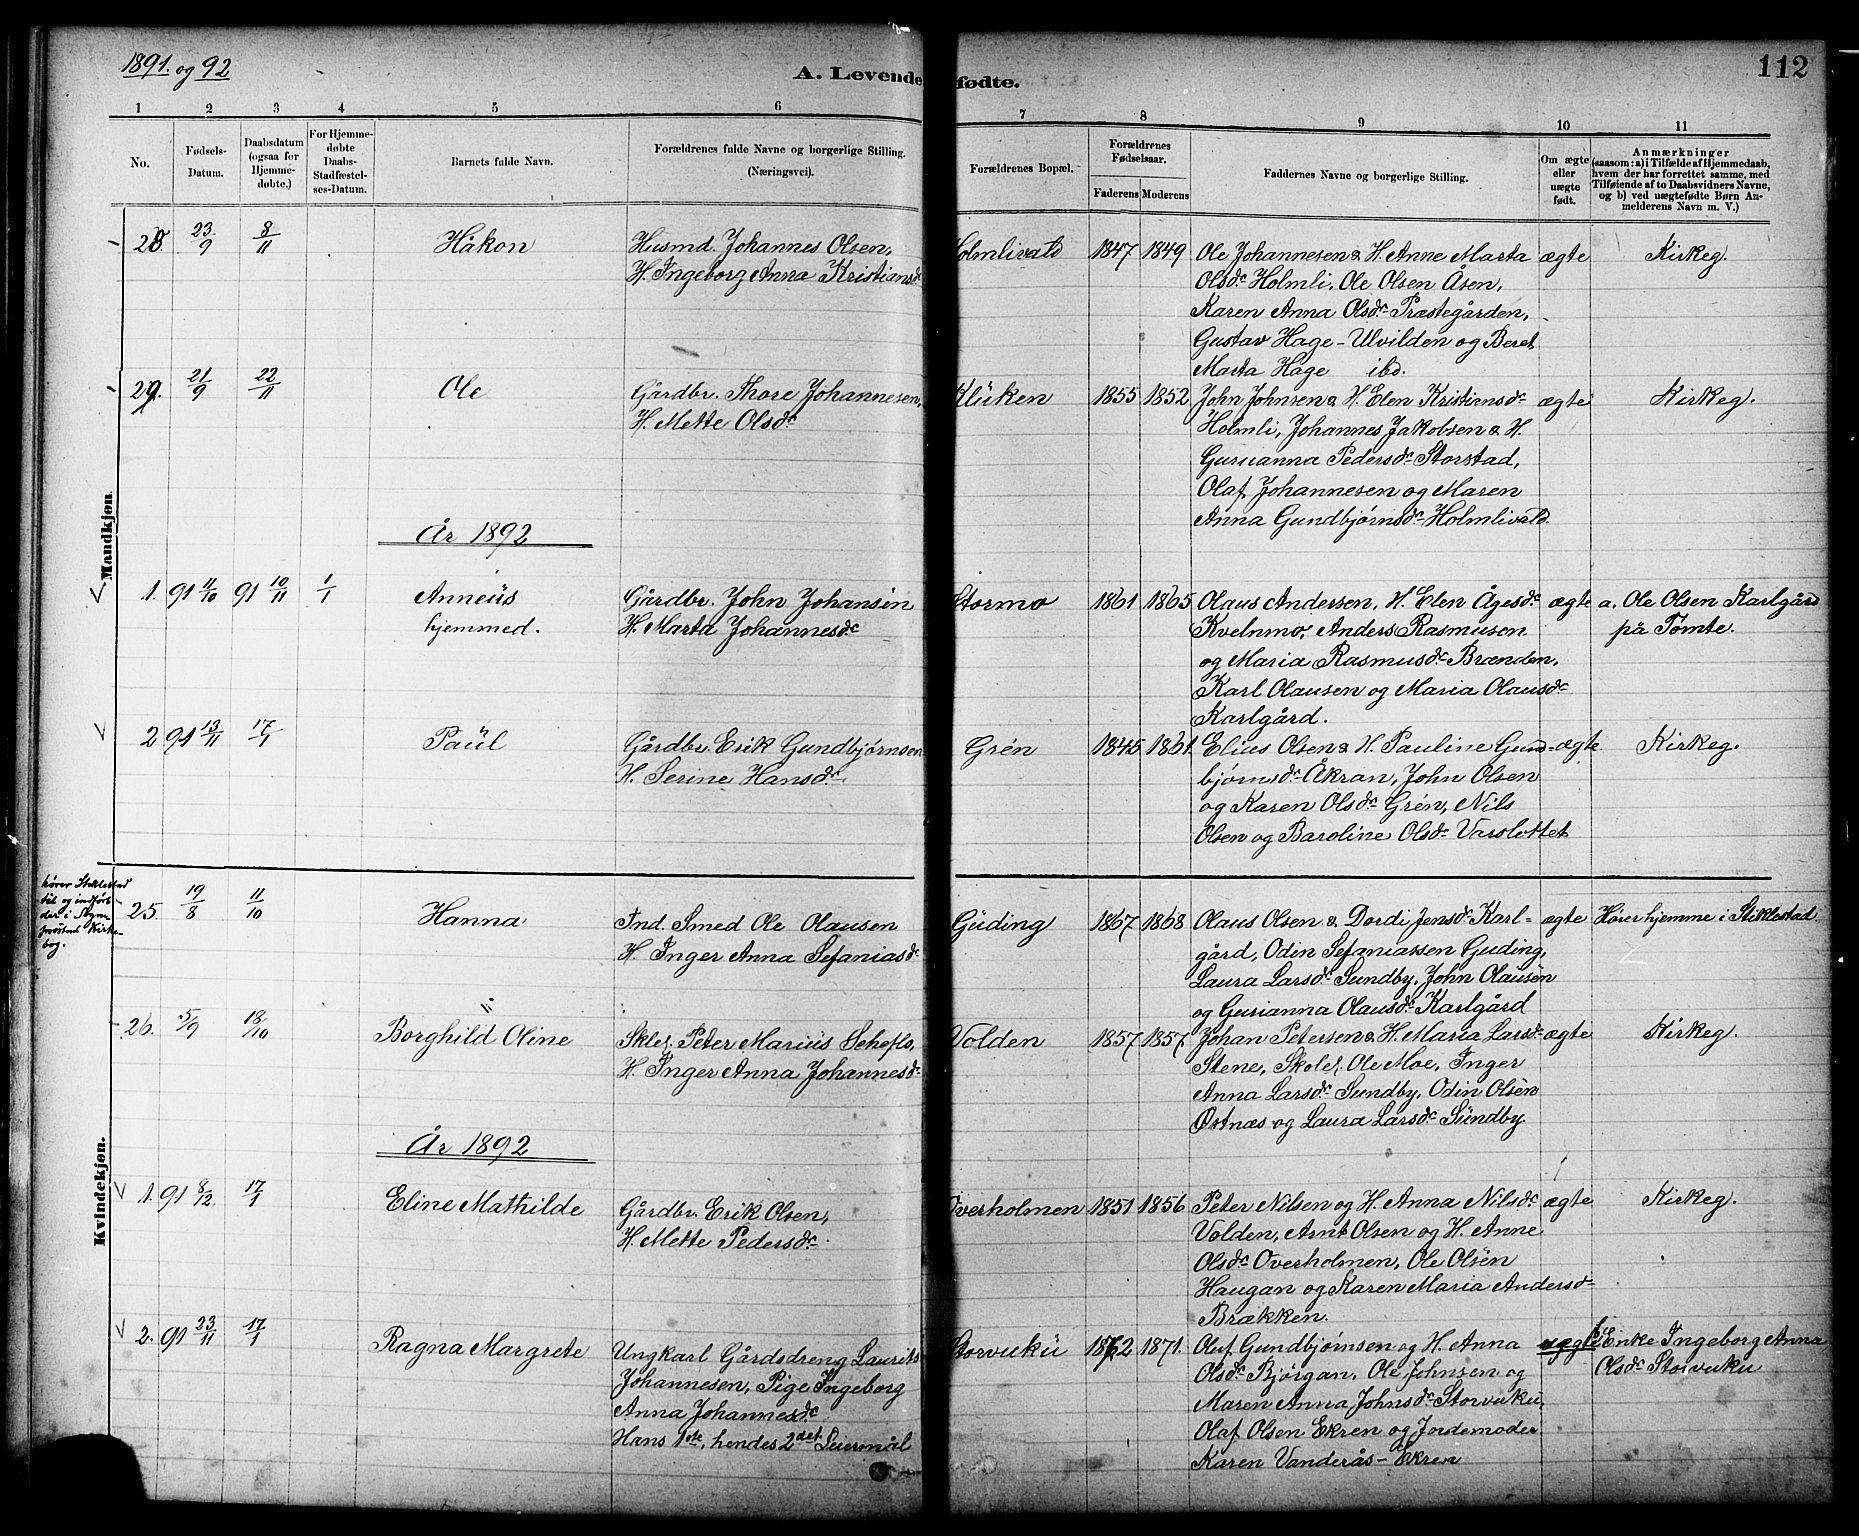 SAT, Ministerialprotokoller, klokkerbøker og fødselsregistre - Nord-Trøndelag, 724/L0267: Klokkerbok nr. 724C03, 1879-1898, s. 112